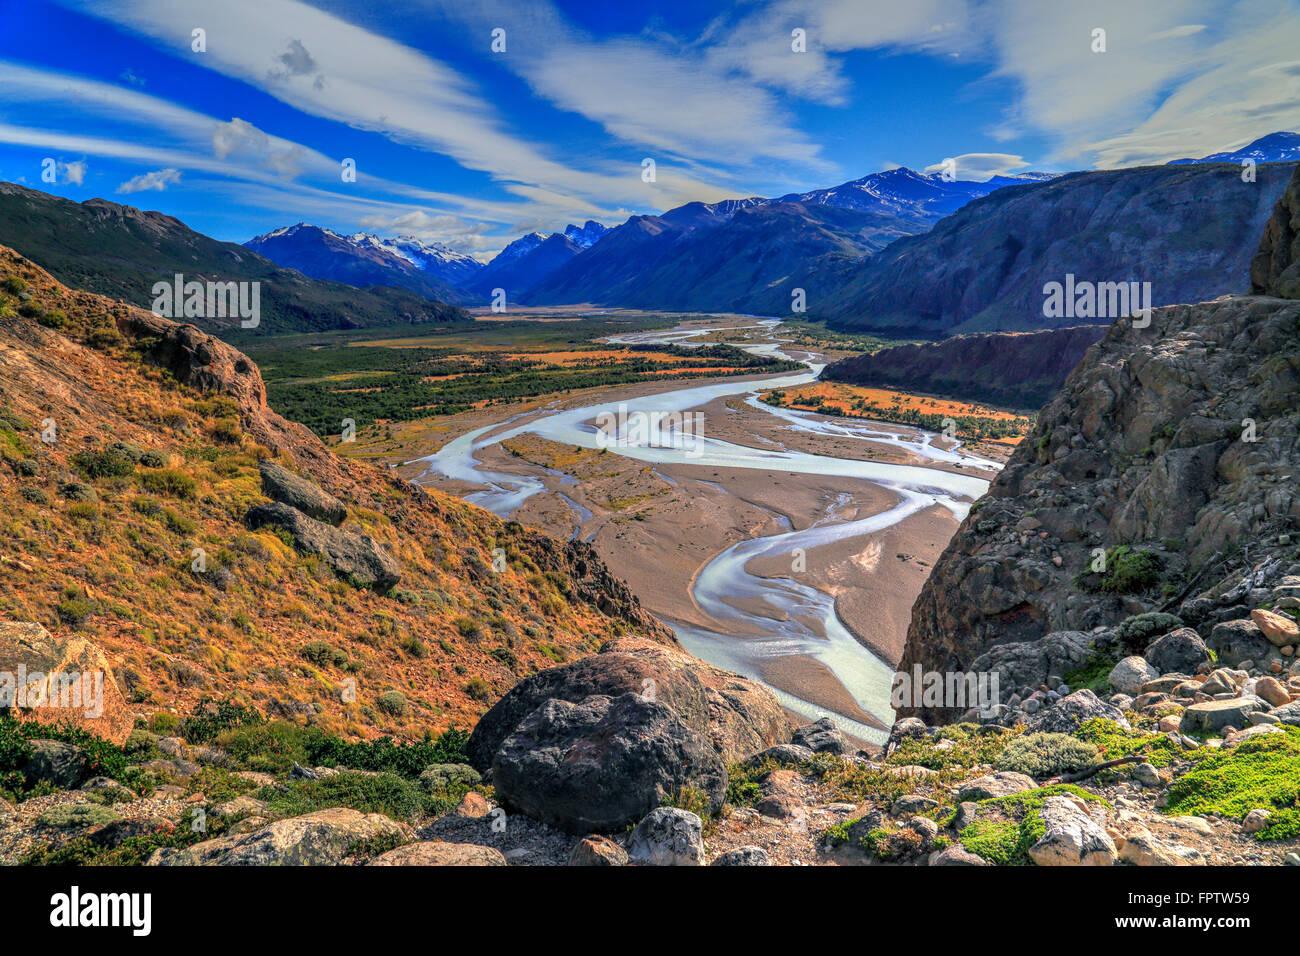 El Chalten, Santa Cruz, Patagonia Argentina Imagen De Stock